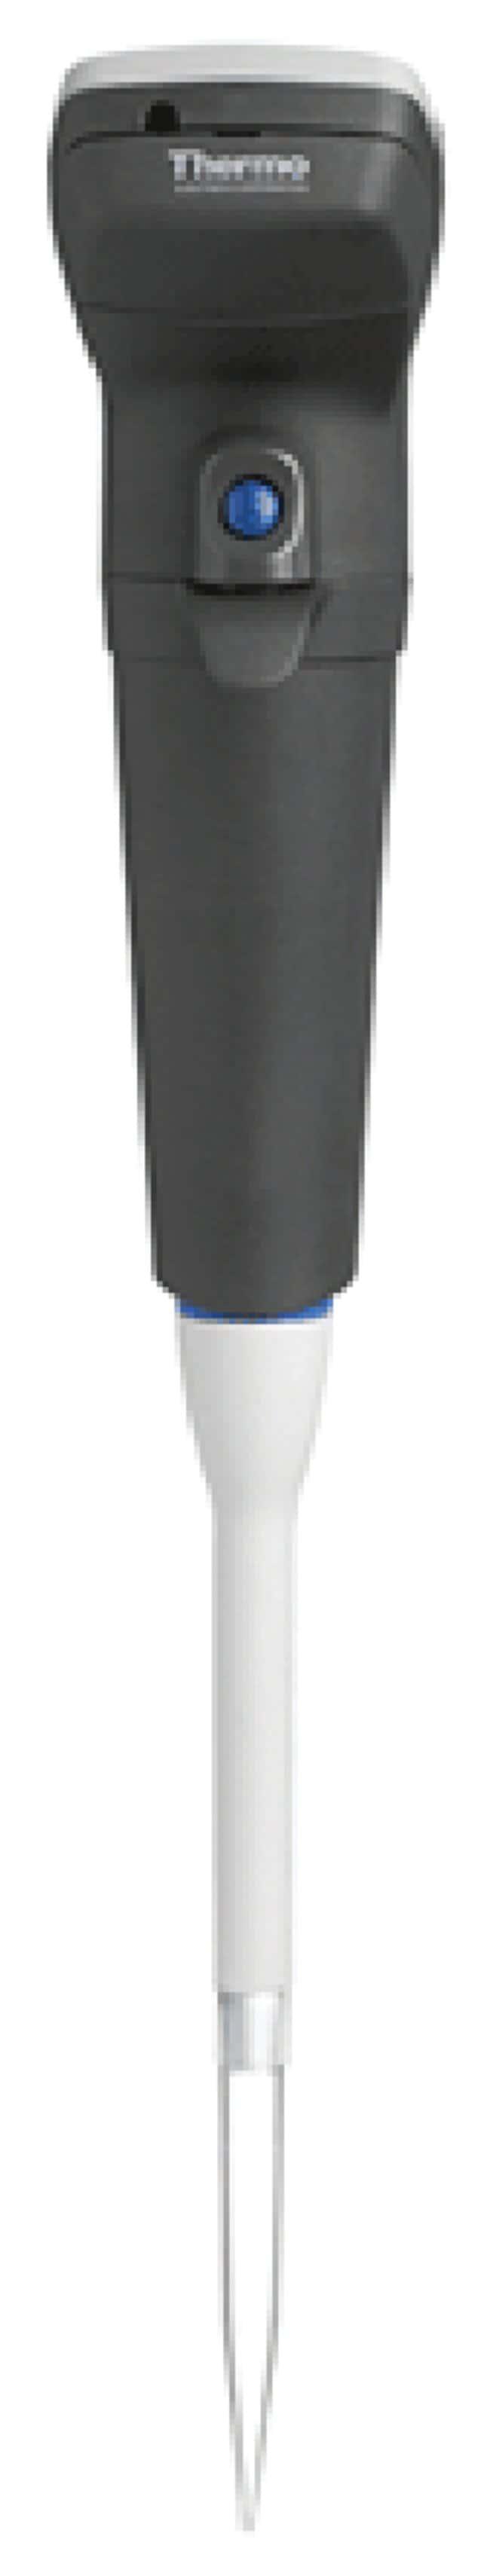 Thermo Scientific™Finnpipette™ Novus elektronische Einkanalpipetten Calibration range: 100-1000μL Thermo Scientific™Finnpipette™ Novus elektronische Einkanalpipetten